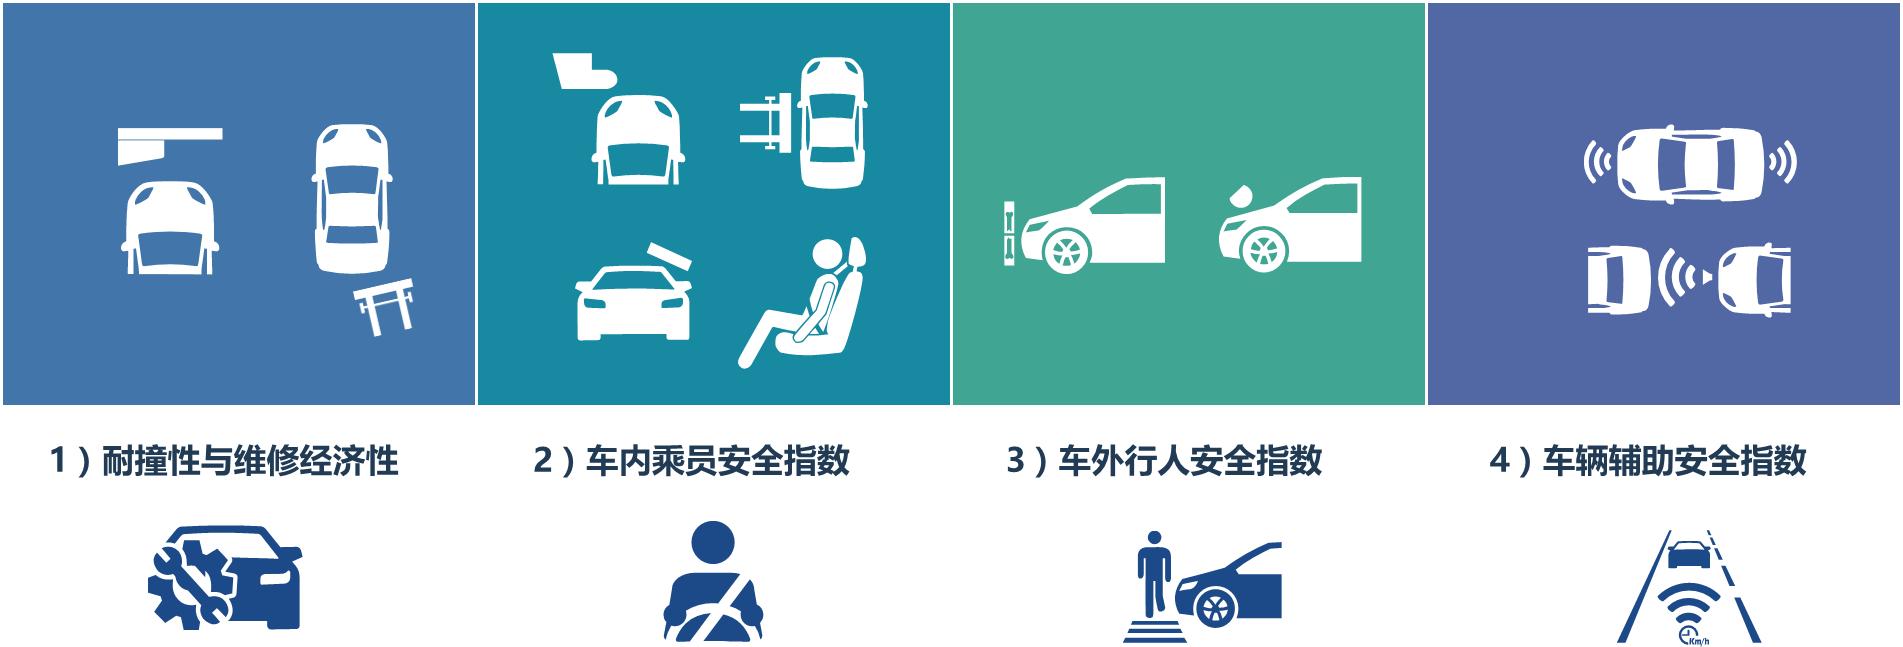 中国保险汽车安全指数2018结果即将出炉